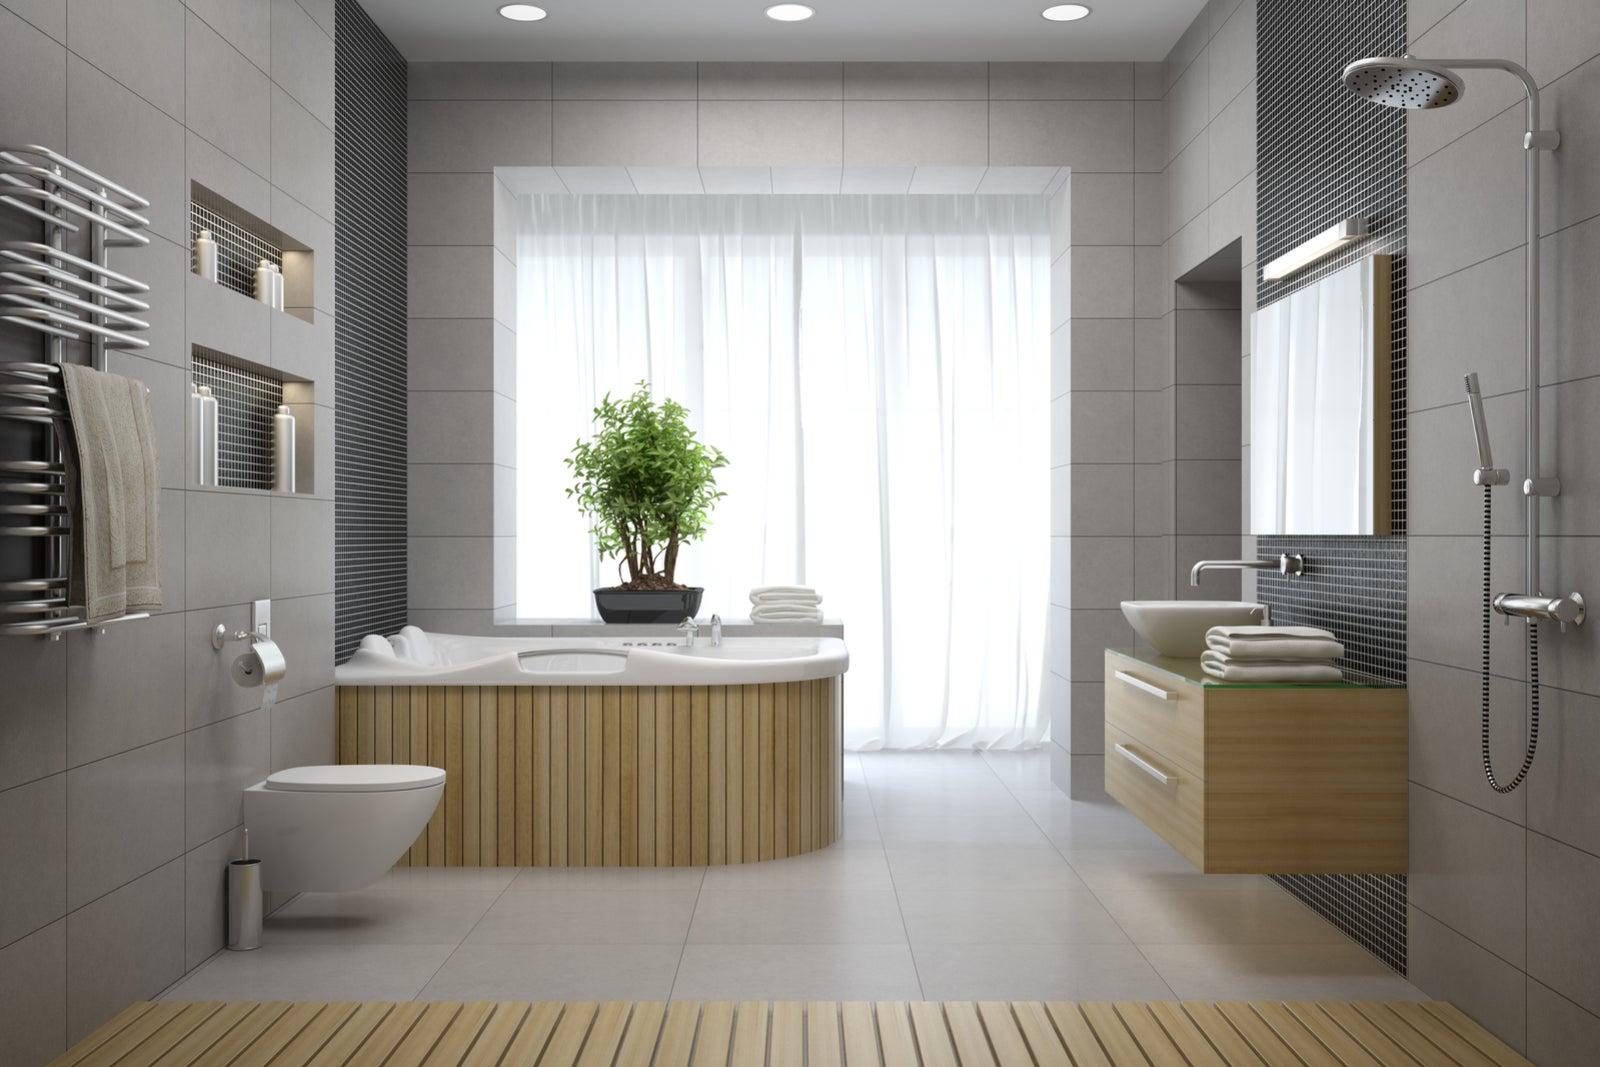 transforme seu banheiro em um lugar de relaxamento